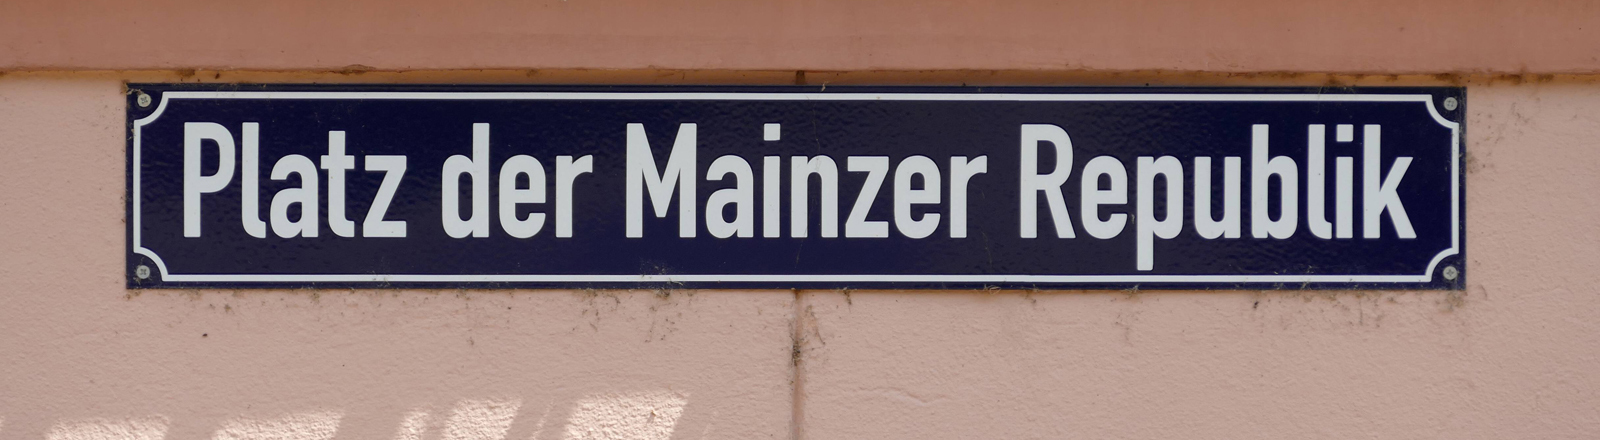 Straßenschild: Platz der Mainzer Republik